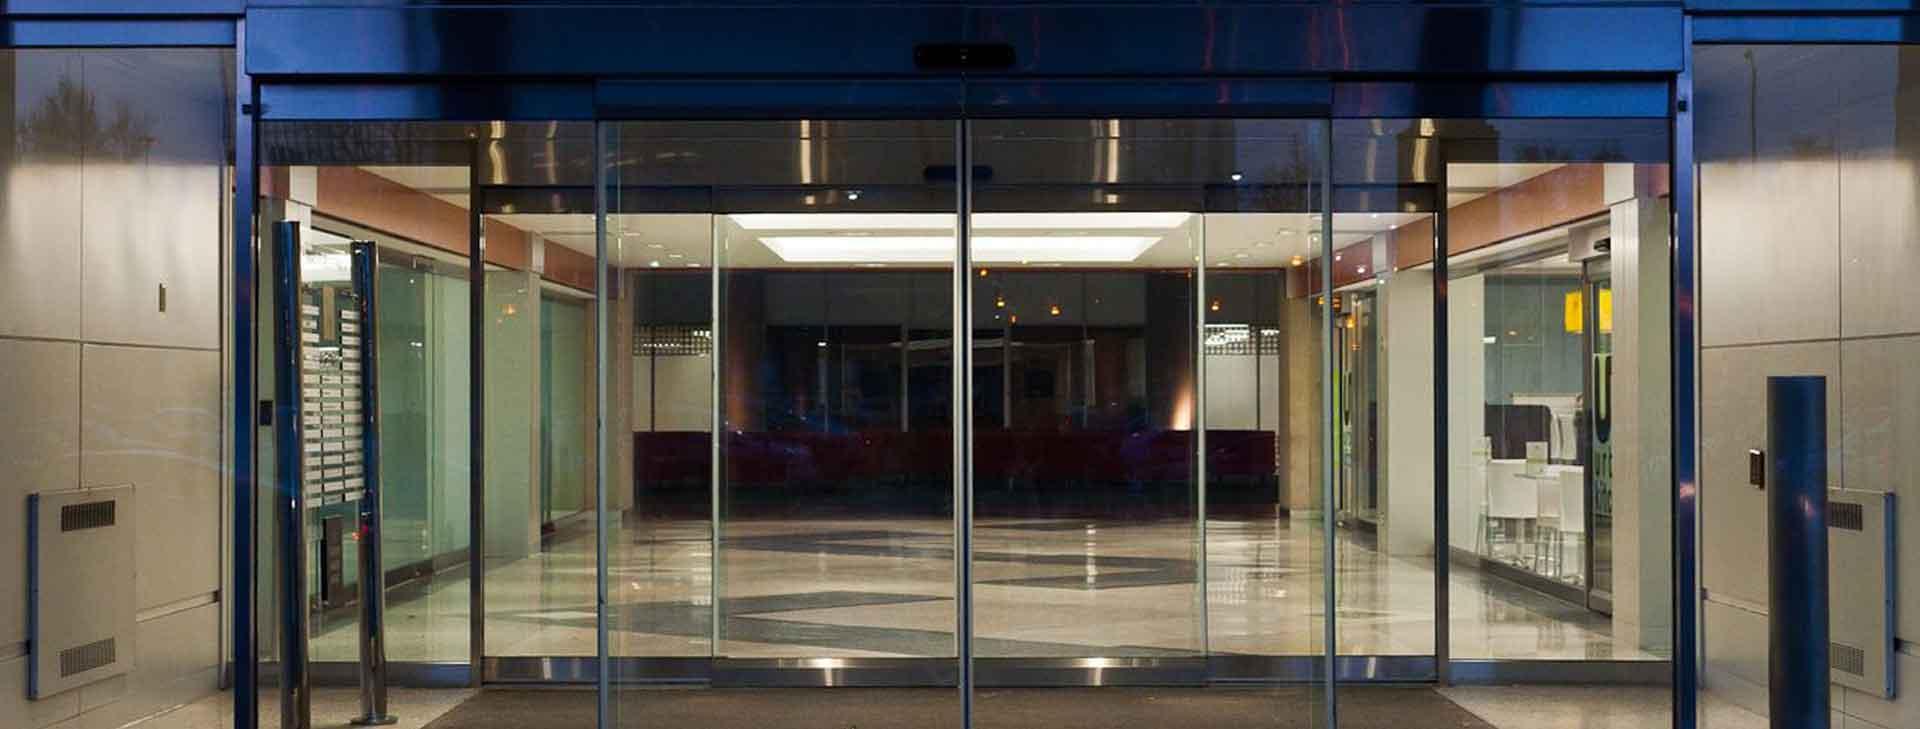 sliding glass door with sensor